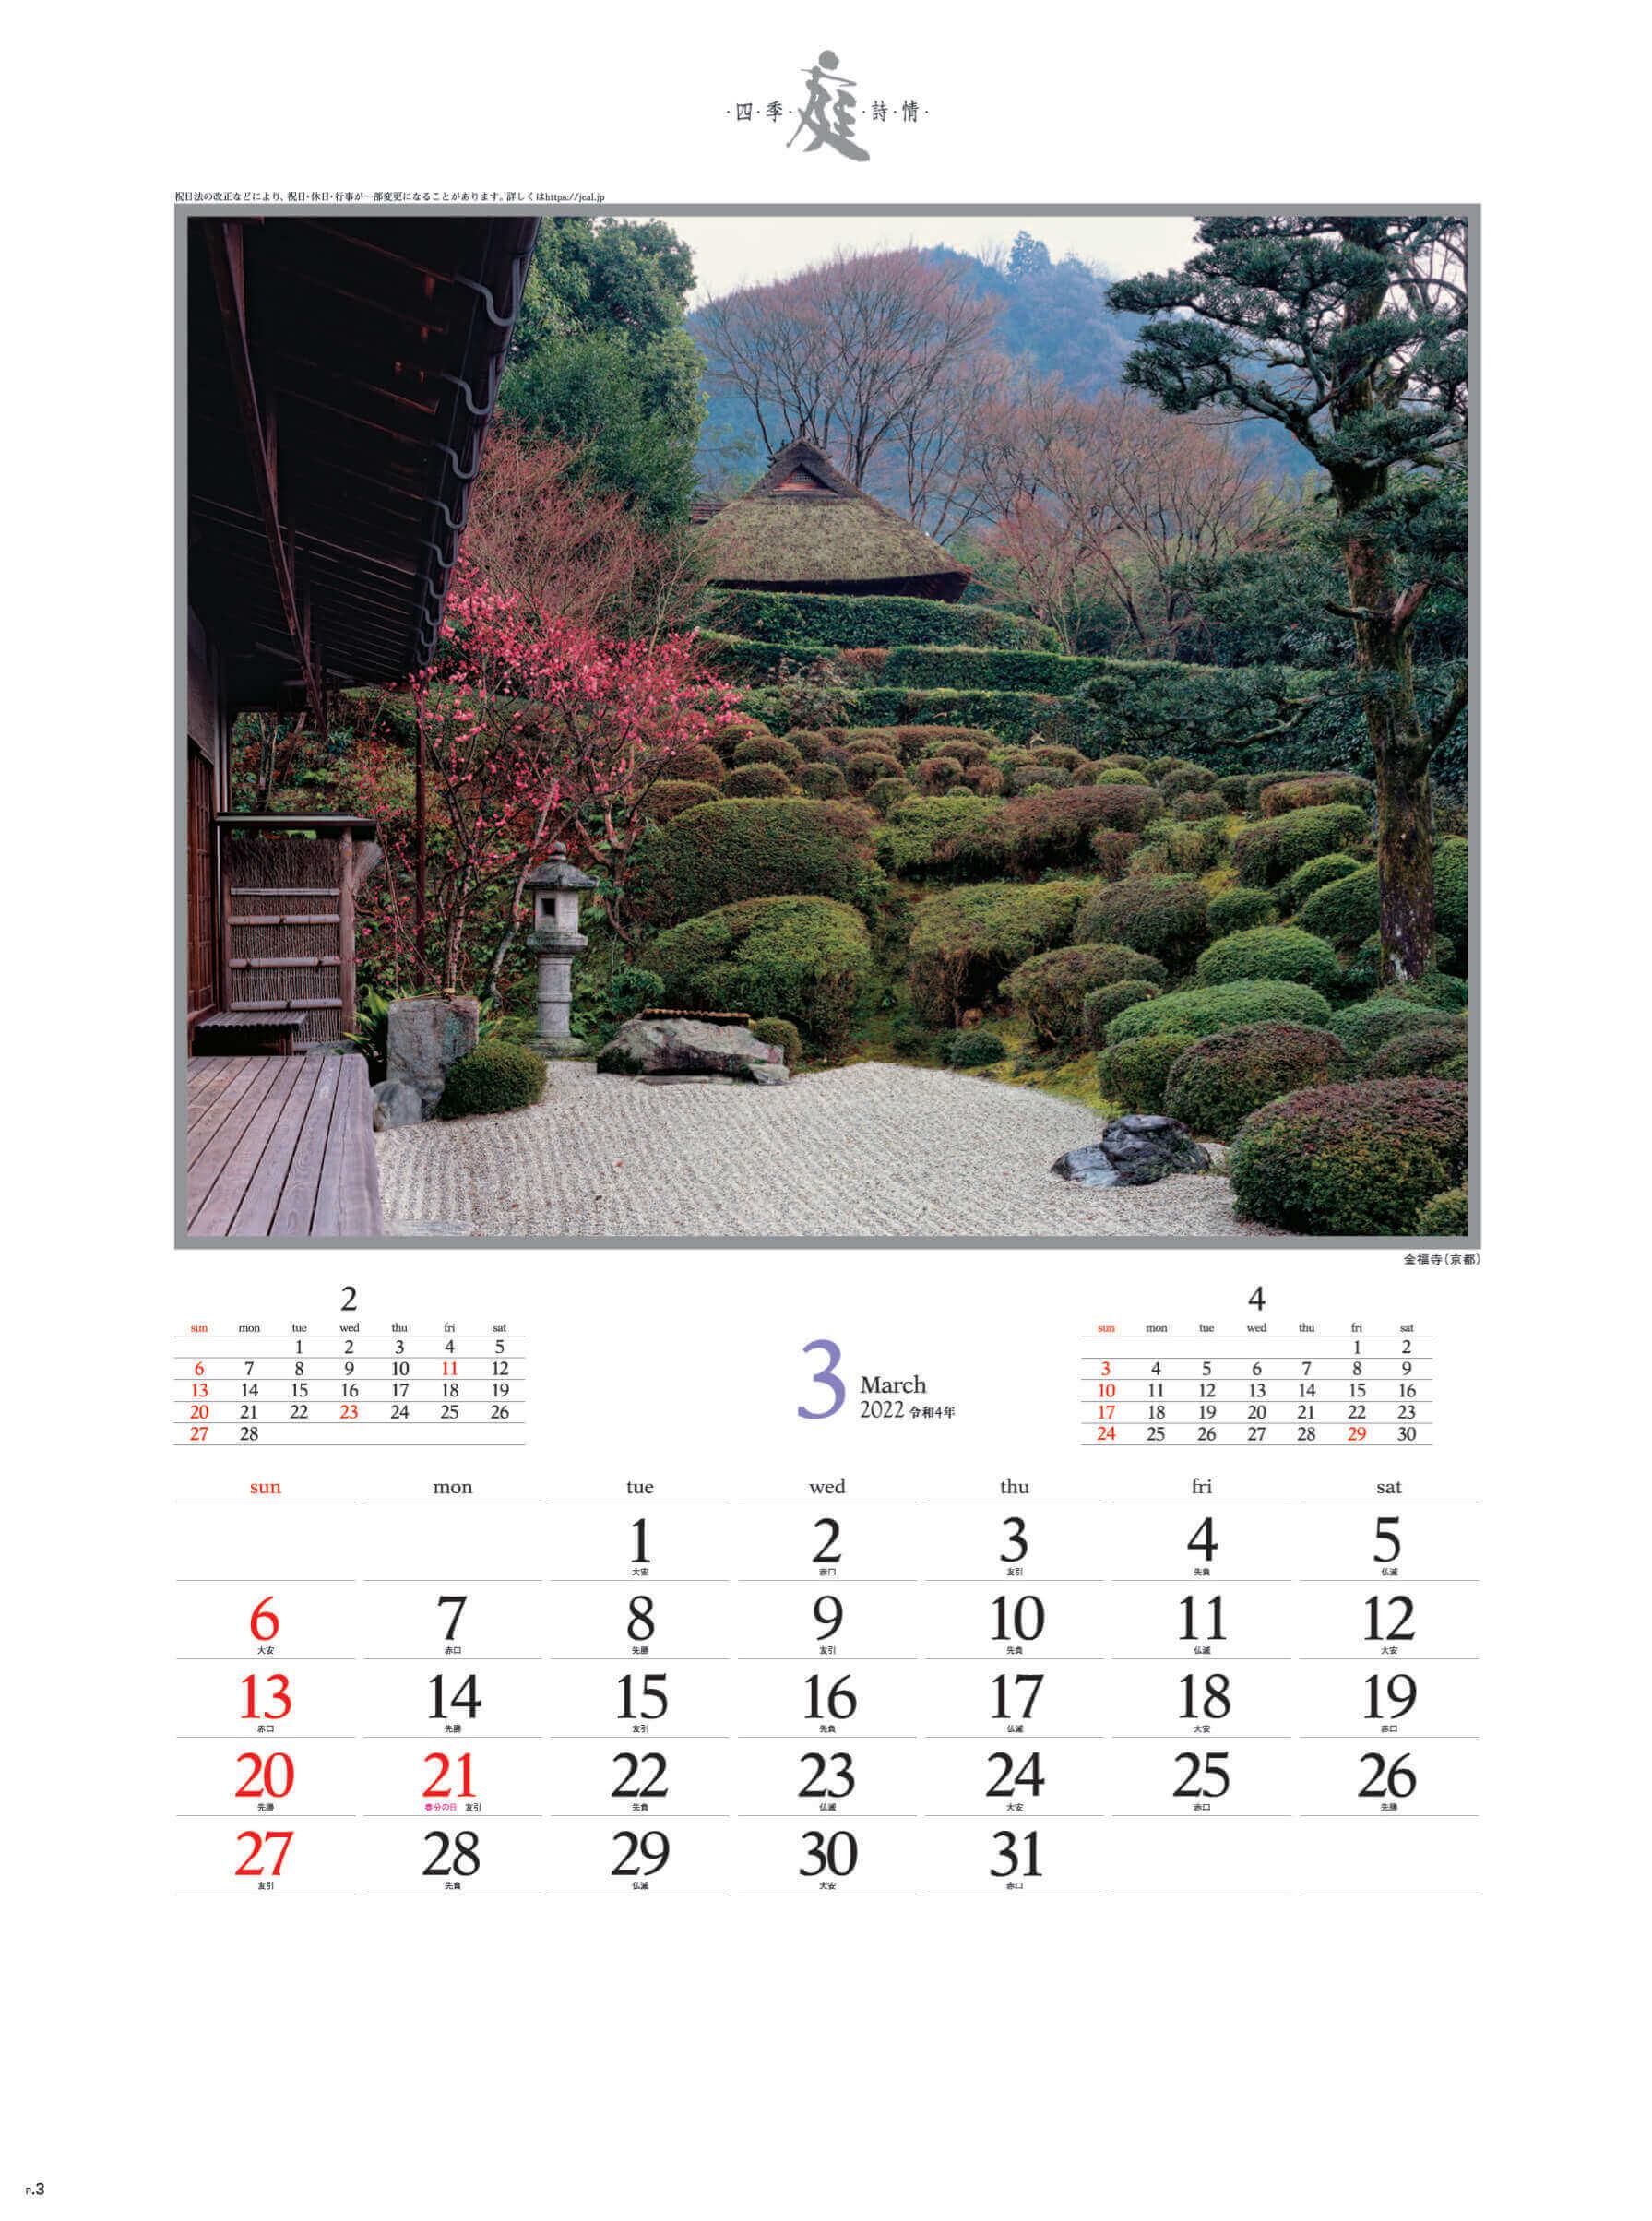 3月 金福寺(京都) 庭・四季詩情 2022年カレンダーの画像